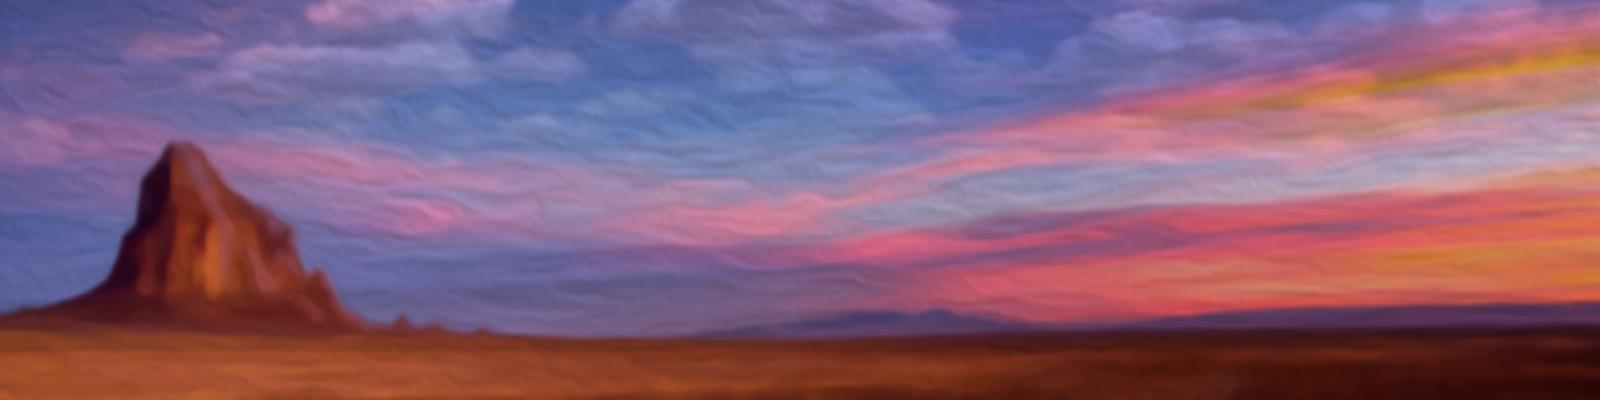 Desert sunset landscape illustration.